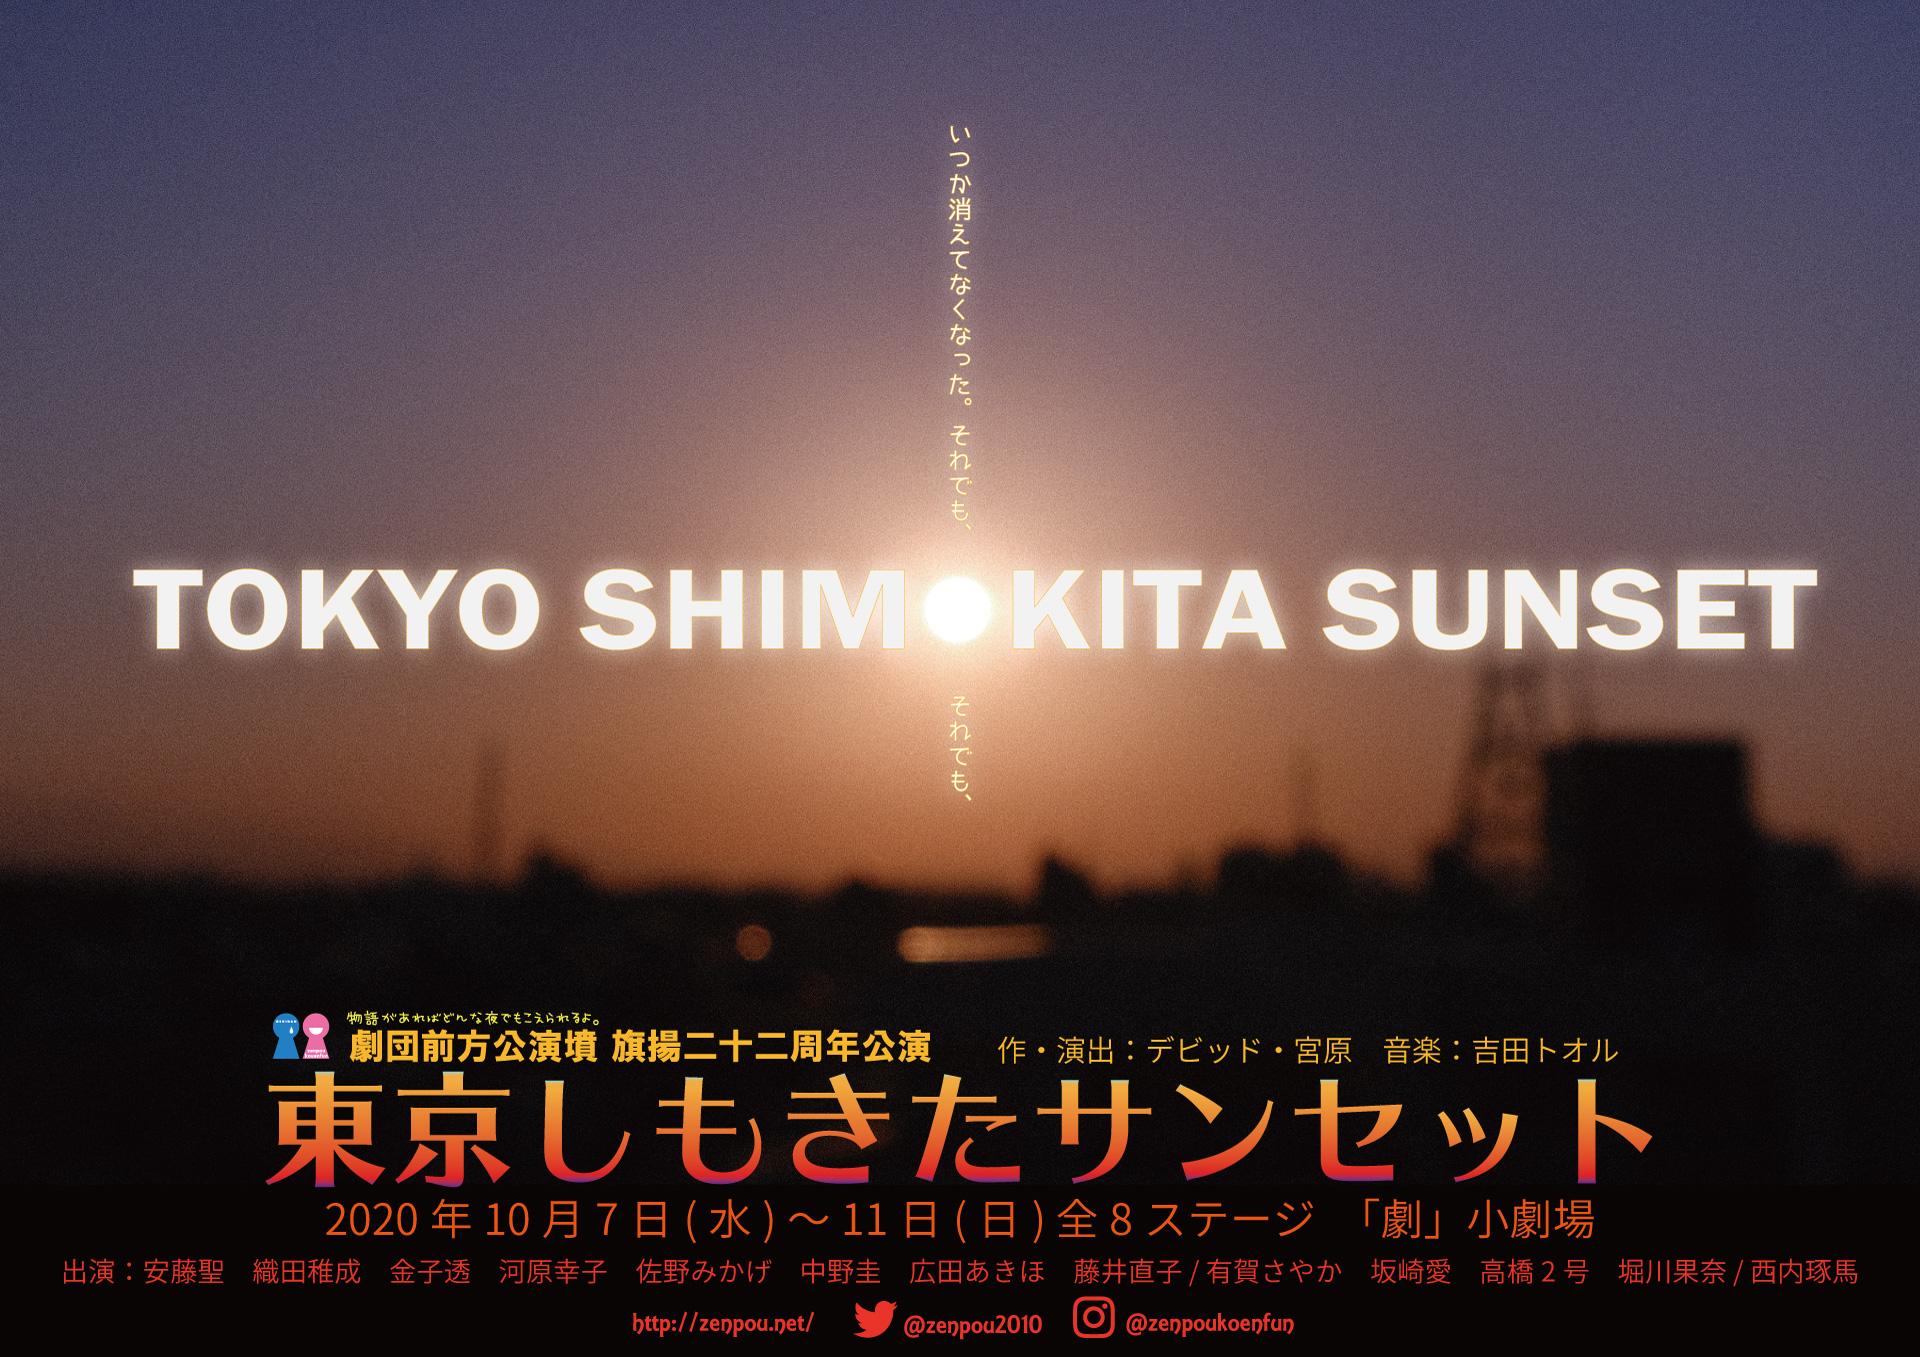 劇団前方公演墳 本公演 「東京しもきたサンセット」